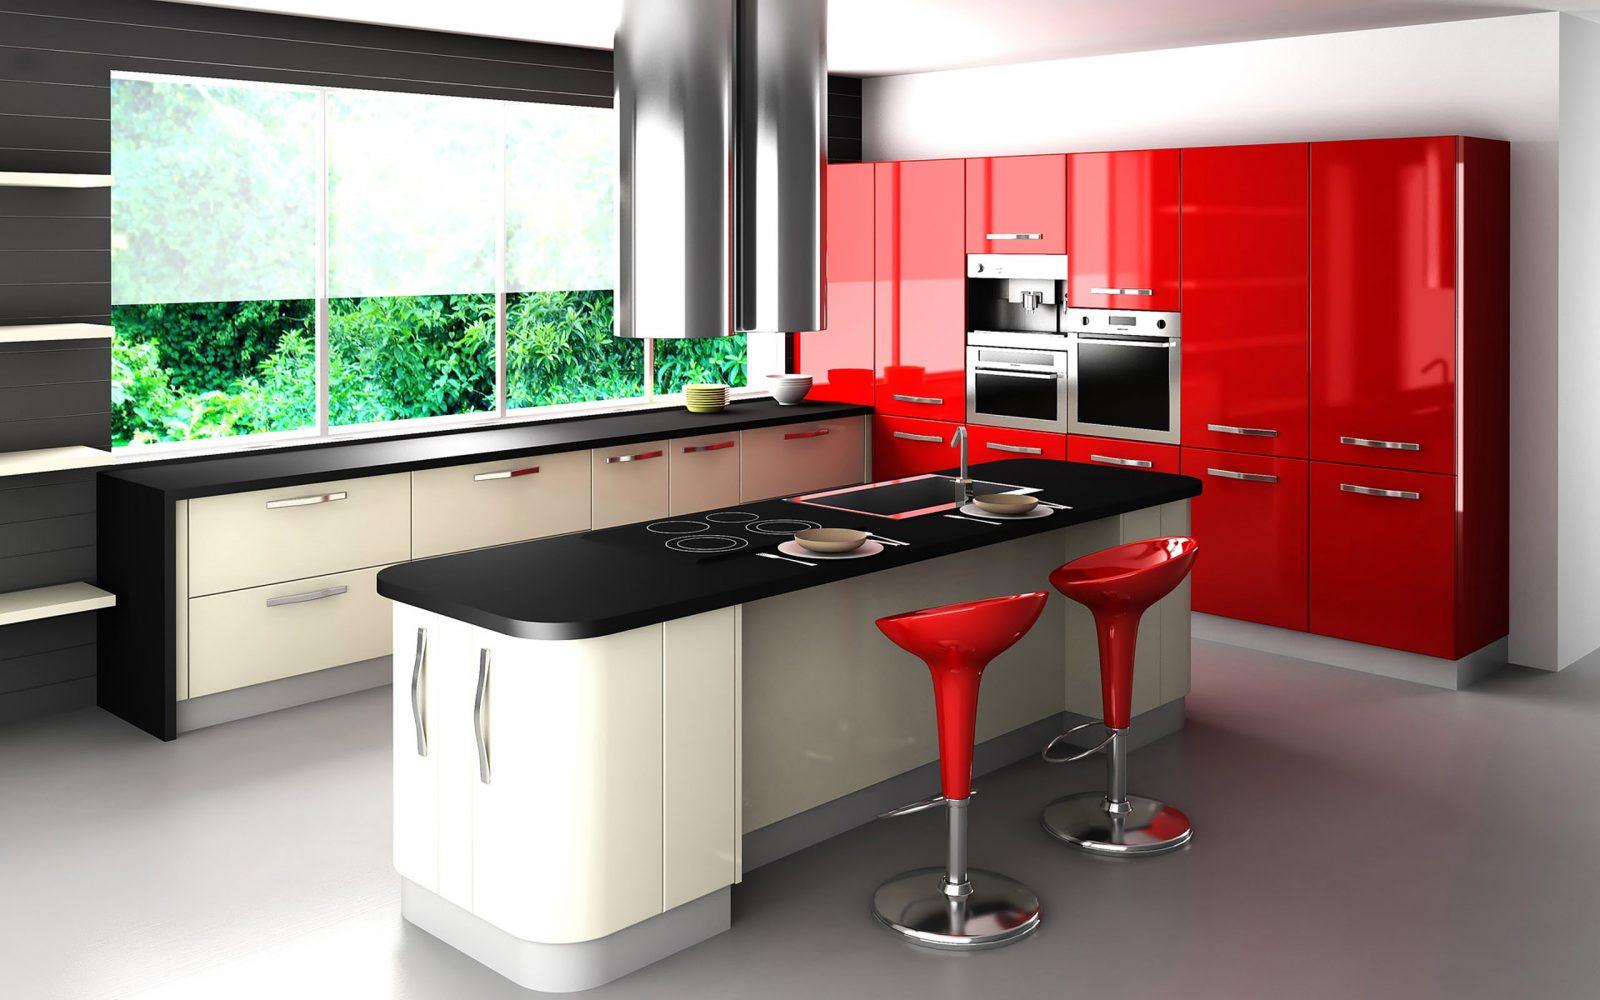 Cocinas Modernas 50 Fotos Desde Sencillas A Espectaculares  ~ Diseños De Cocinas Pequeñas Modernas